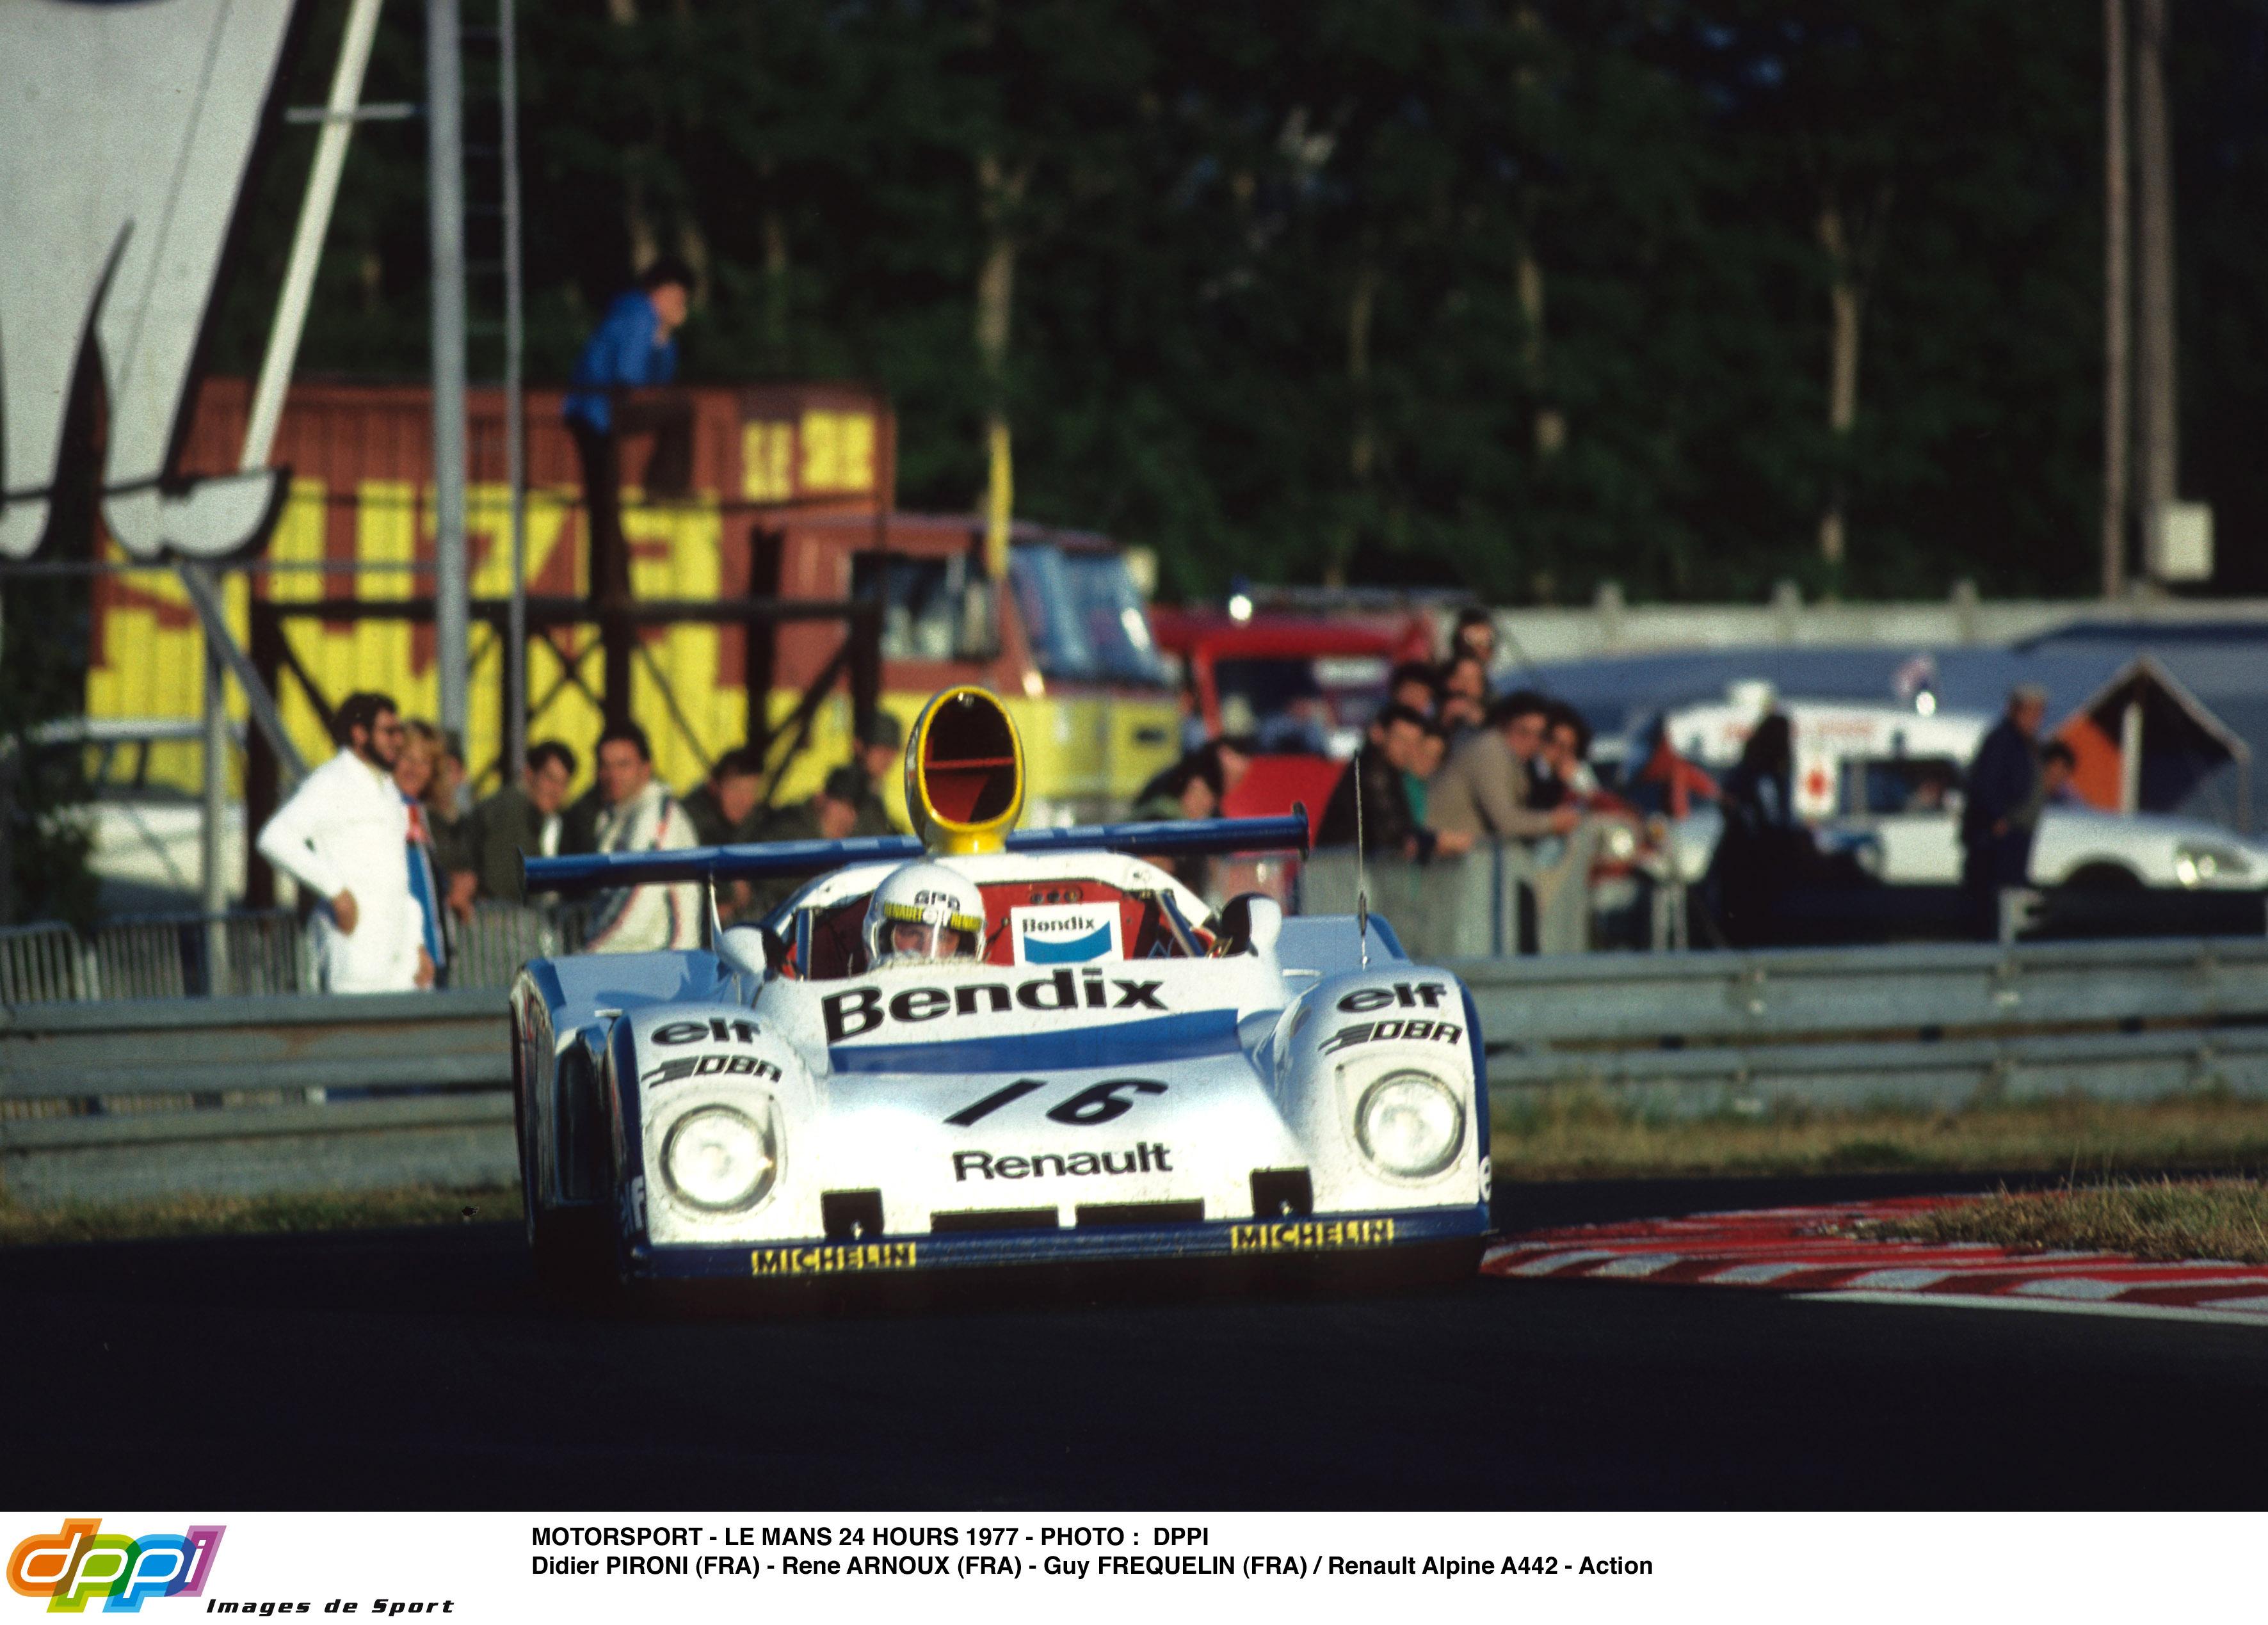 Porsche s'offre une 19e victoire